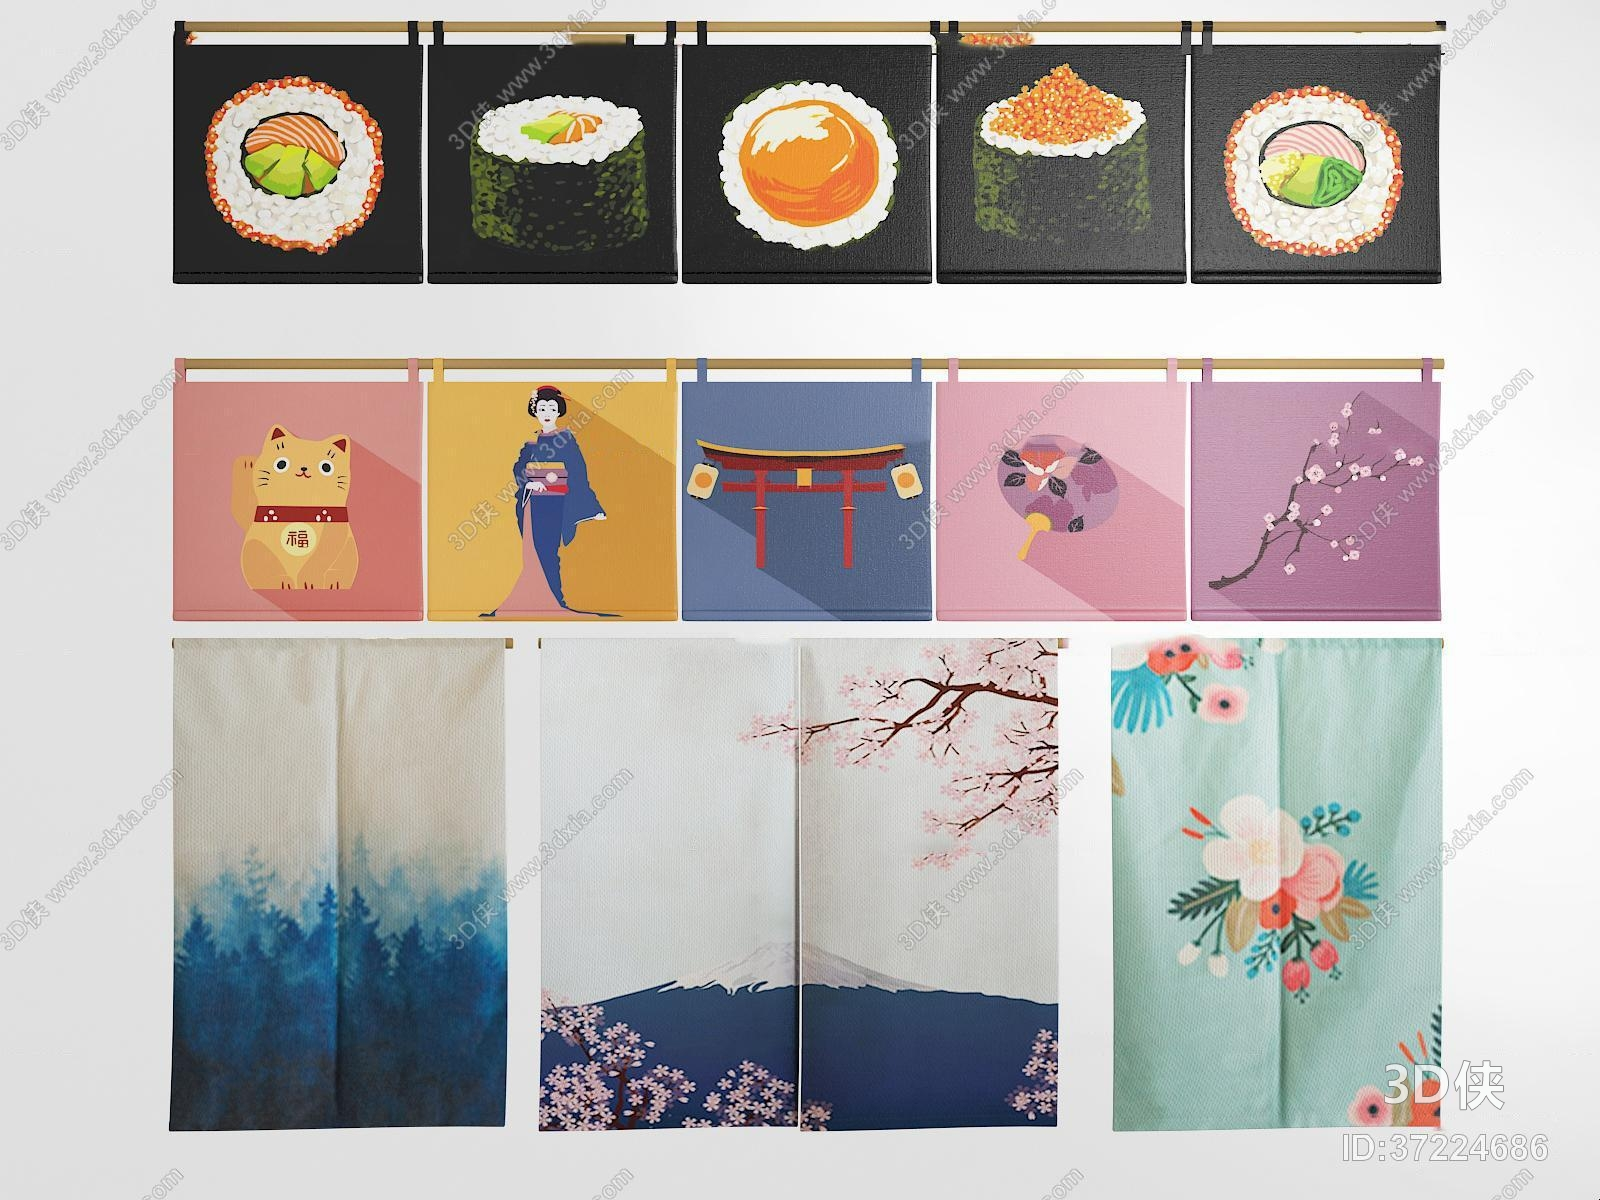 窗帘家纺效果图素材免费下载,本作品主题是日式门帘窗帘挂帘组合3d